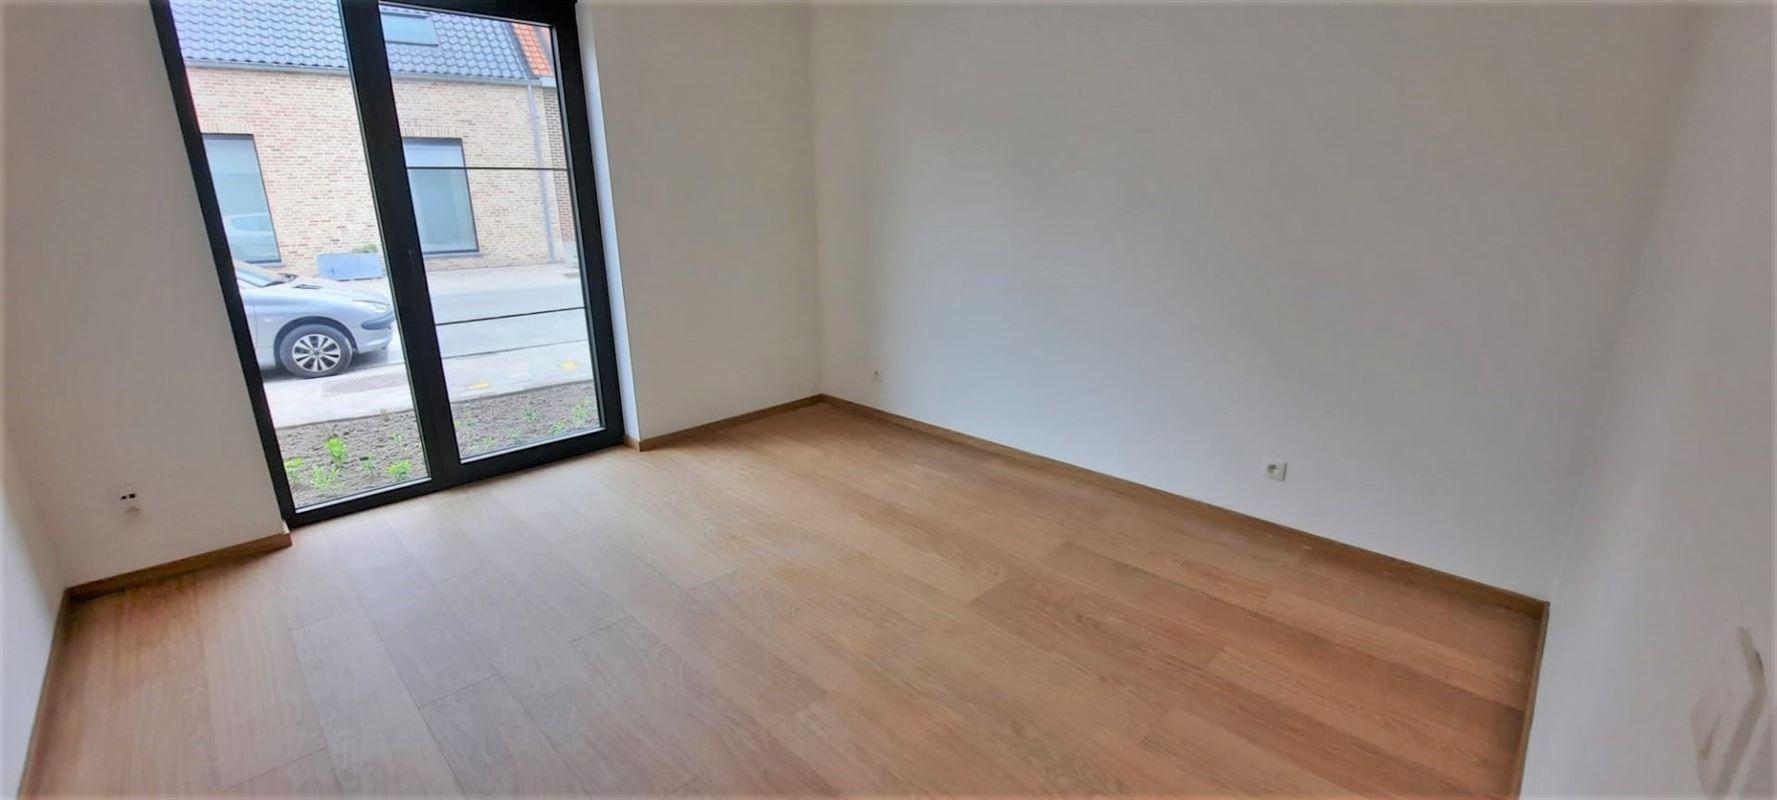 Foto 6 : Appartement te 2820 BONHEIDEN (België) - Prijs € 995